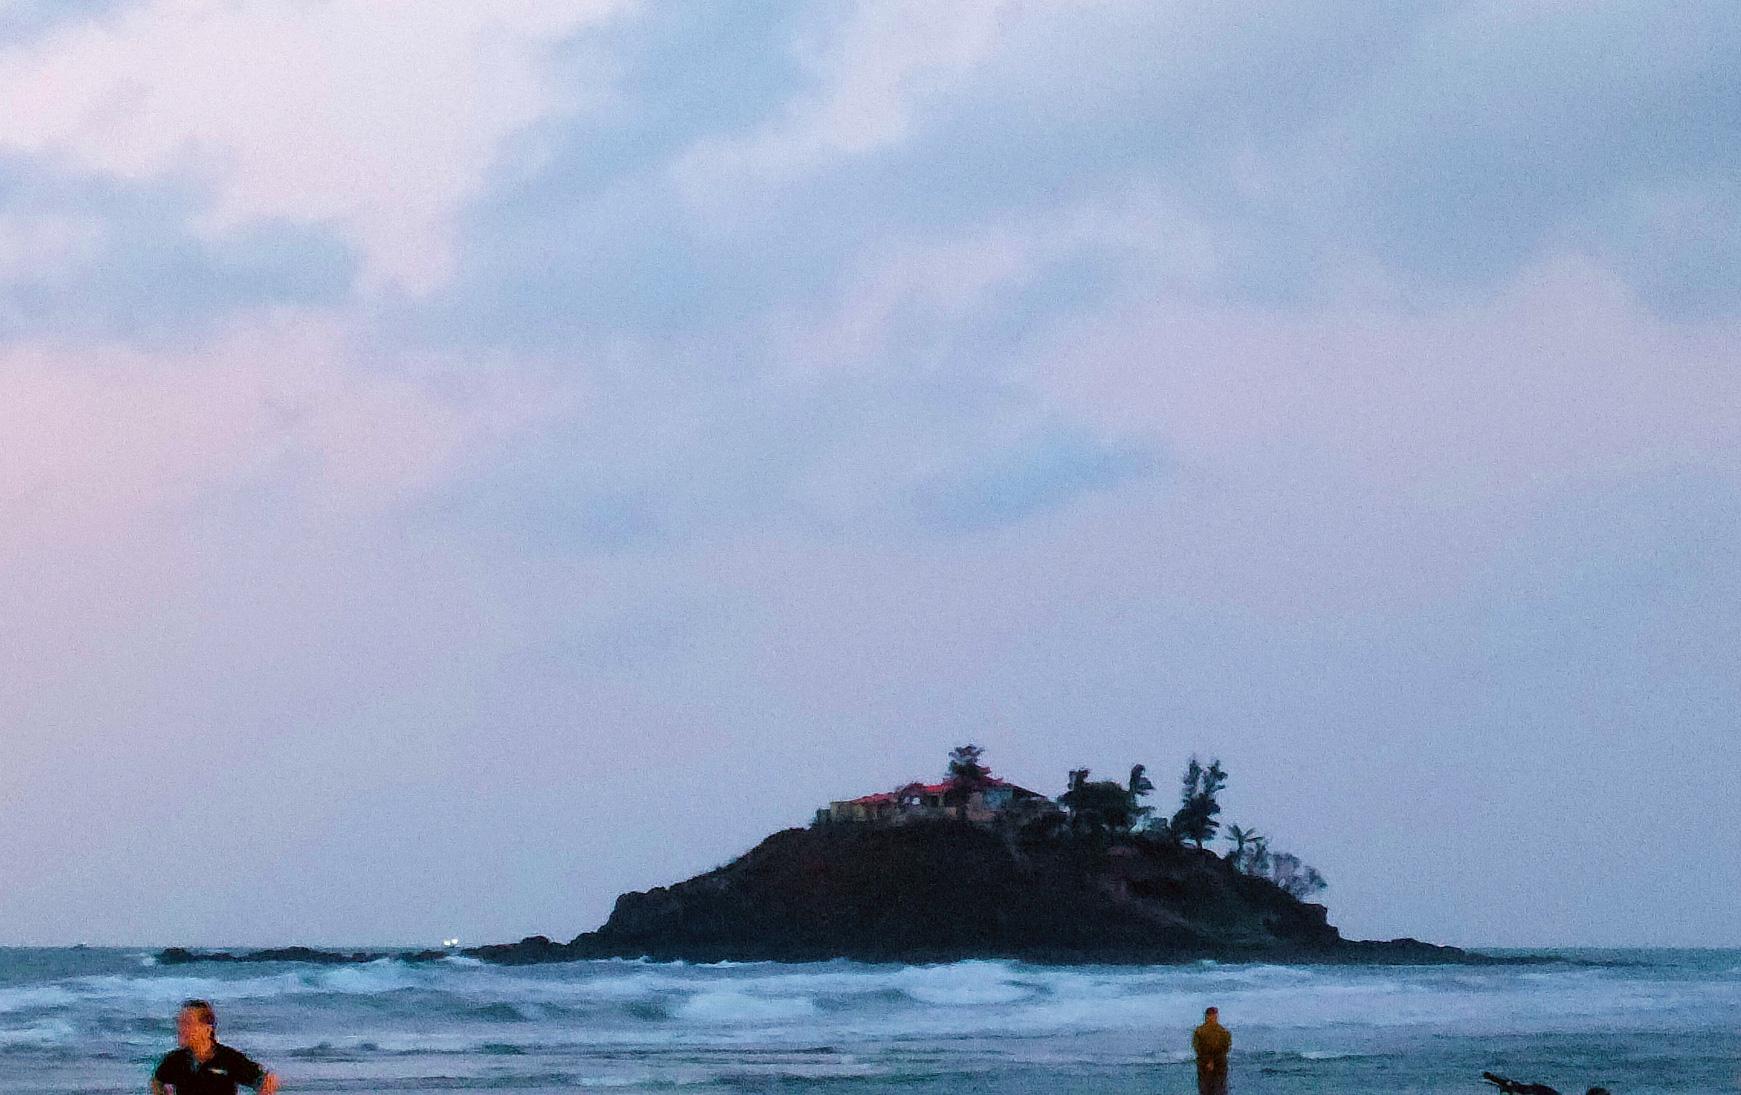 """Canh """"giờ vàng"""" lần theo con đường bí ẩn dưới nước đến thăm ngôi miếu có vị trí đặc biệt nhất Việt Nam - Ảnh 4."""